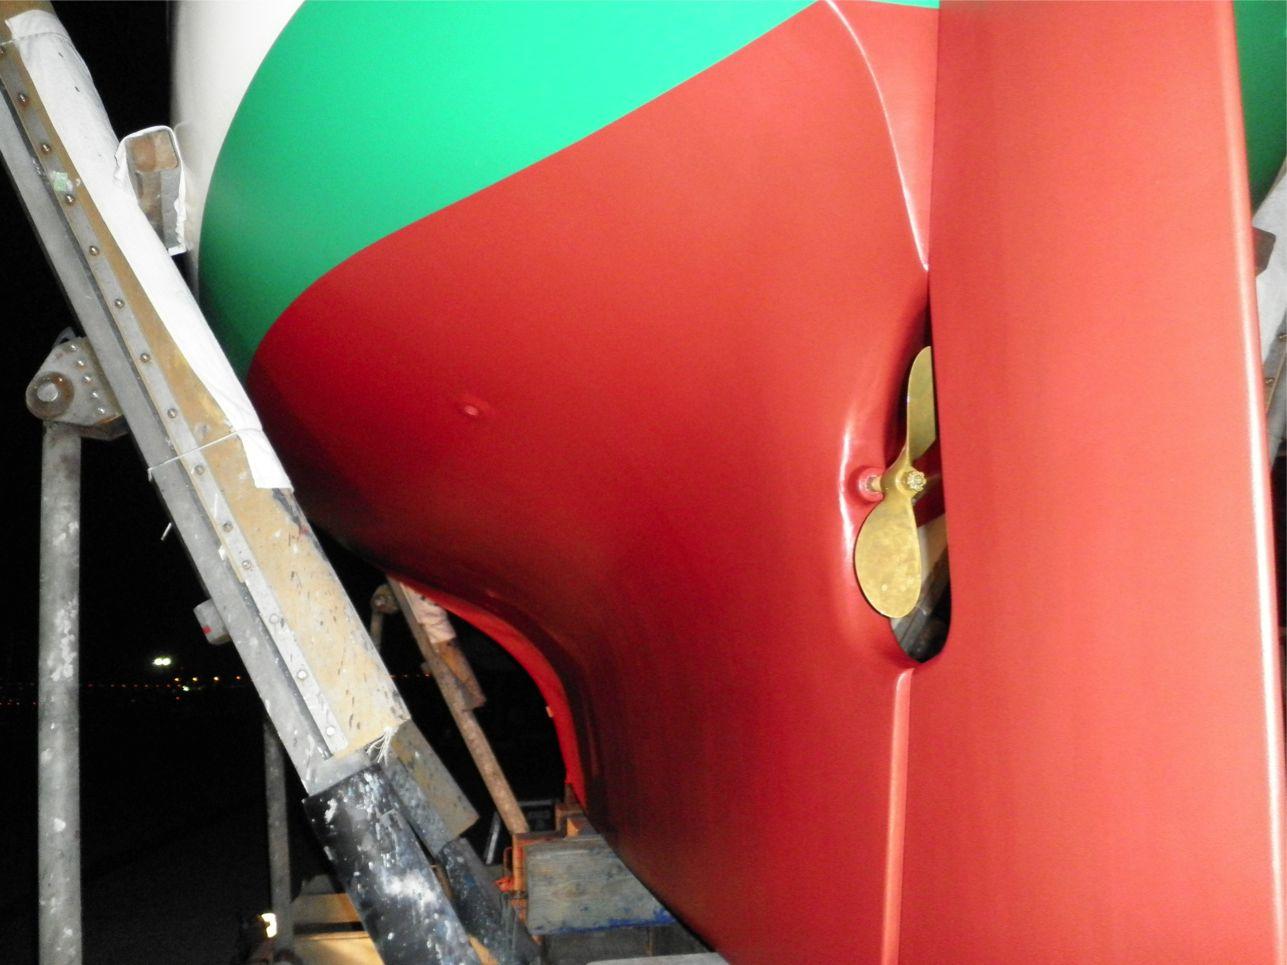 船底整備のすべて⑬ ハル 船底塗料033赤 塗装後_a0051924_22401722.jpg